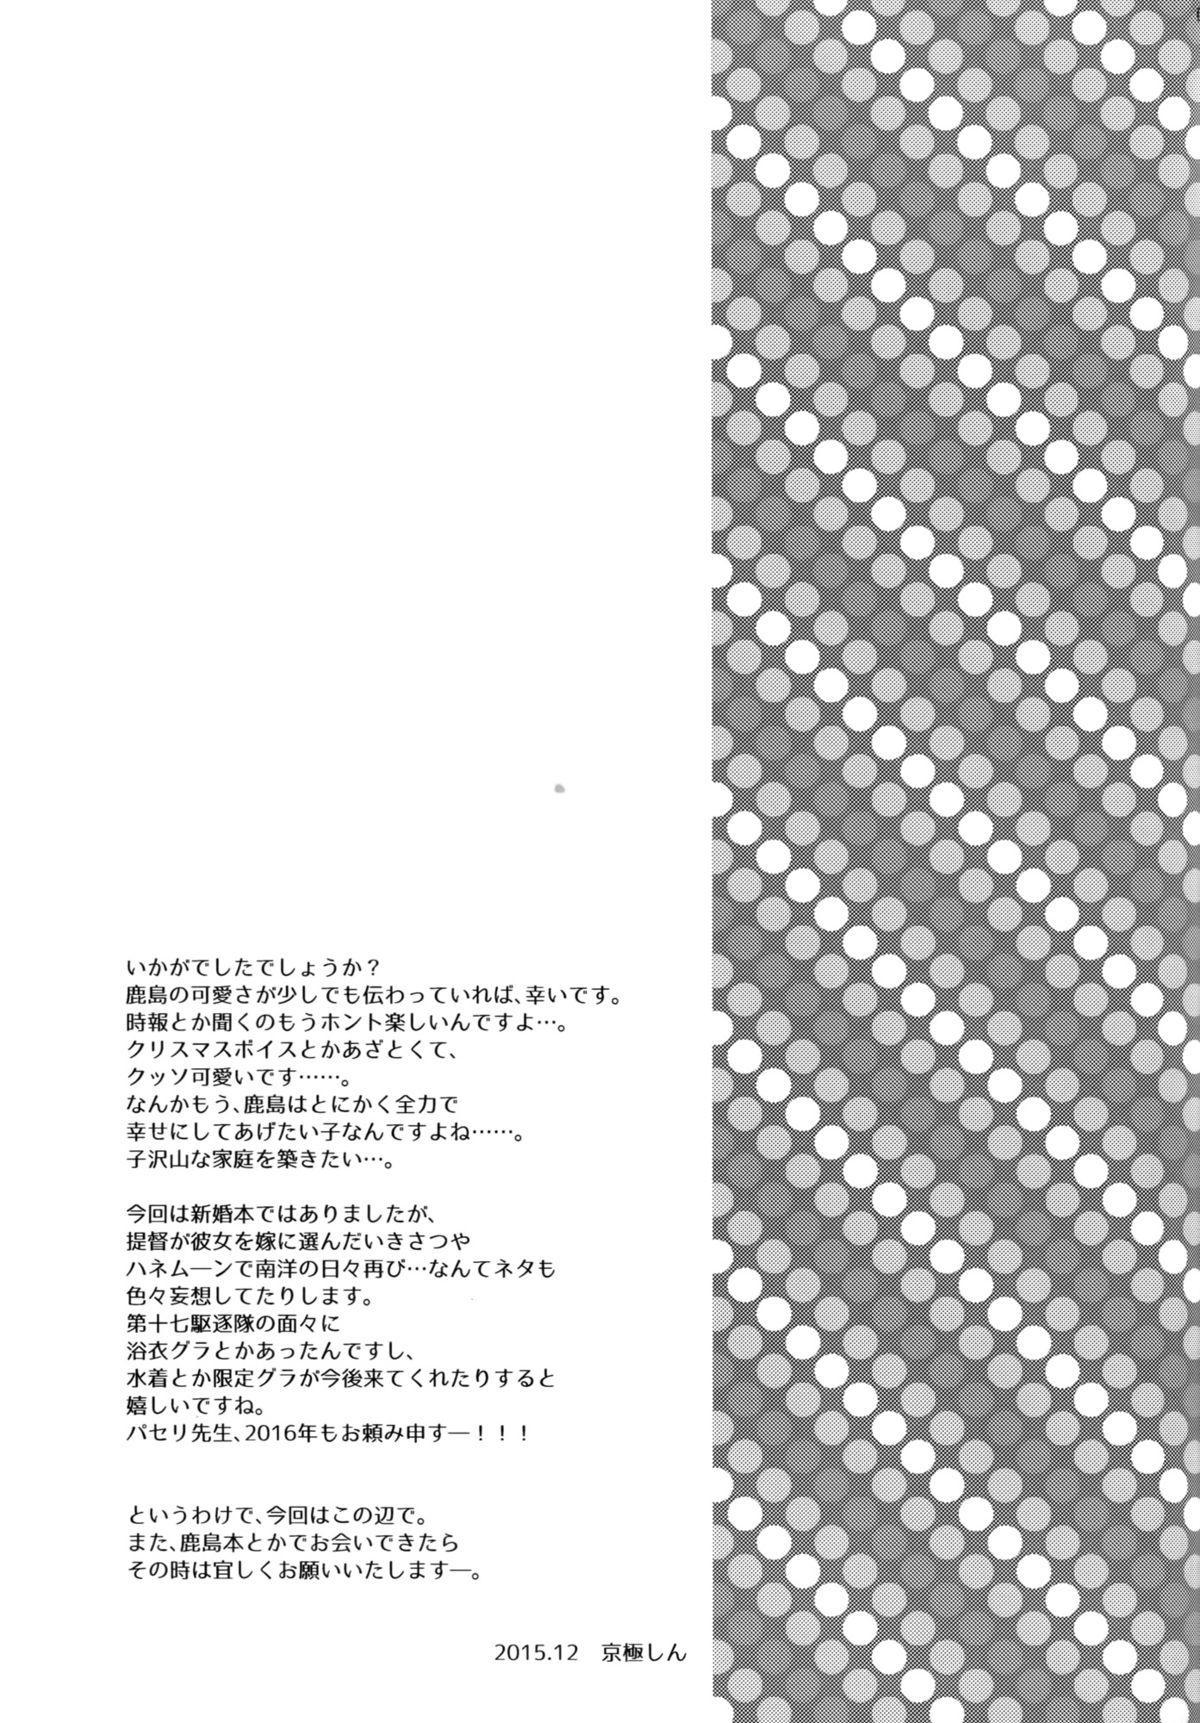 (C89) [INFINITY DRIVE (Kyougoku Shin)] Watashi, Teitoku-san no Oyome-san desu kara♪ (Kantai Collection -KanColle-) [English] 27